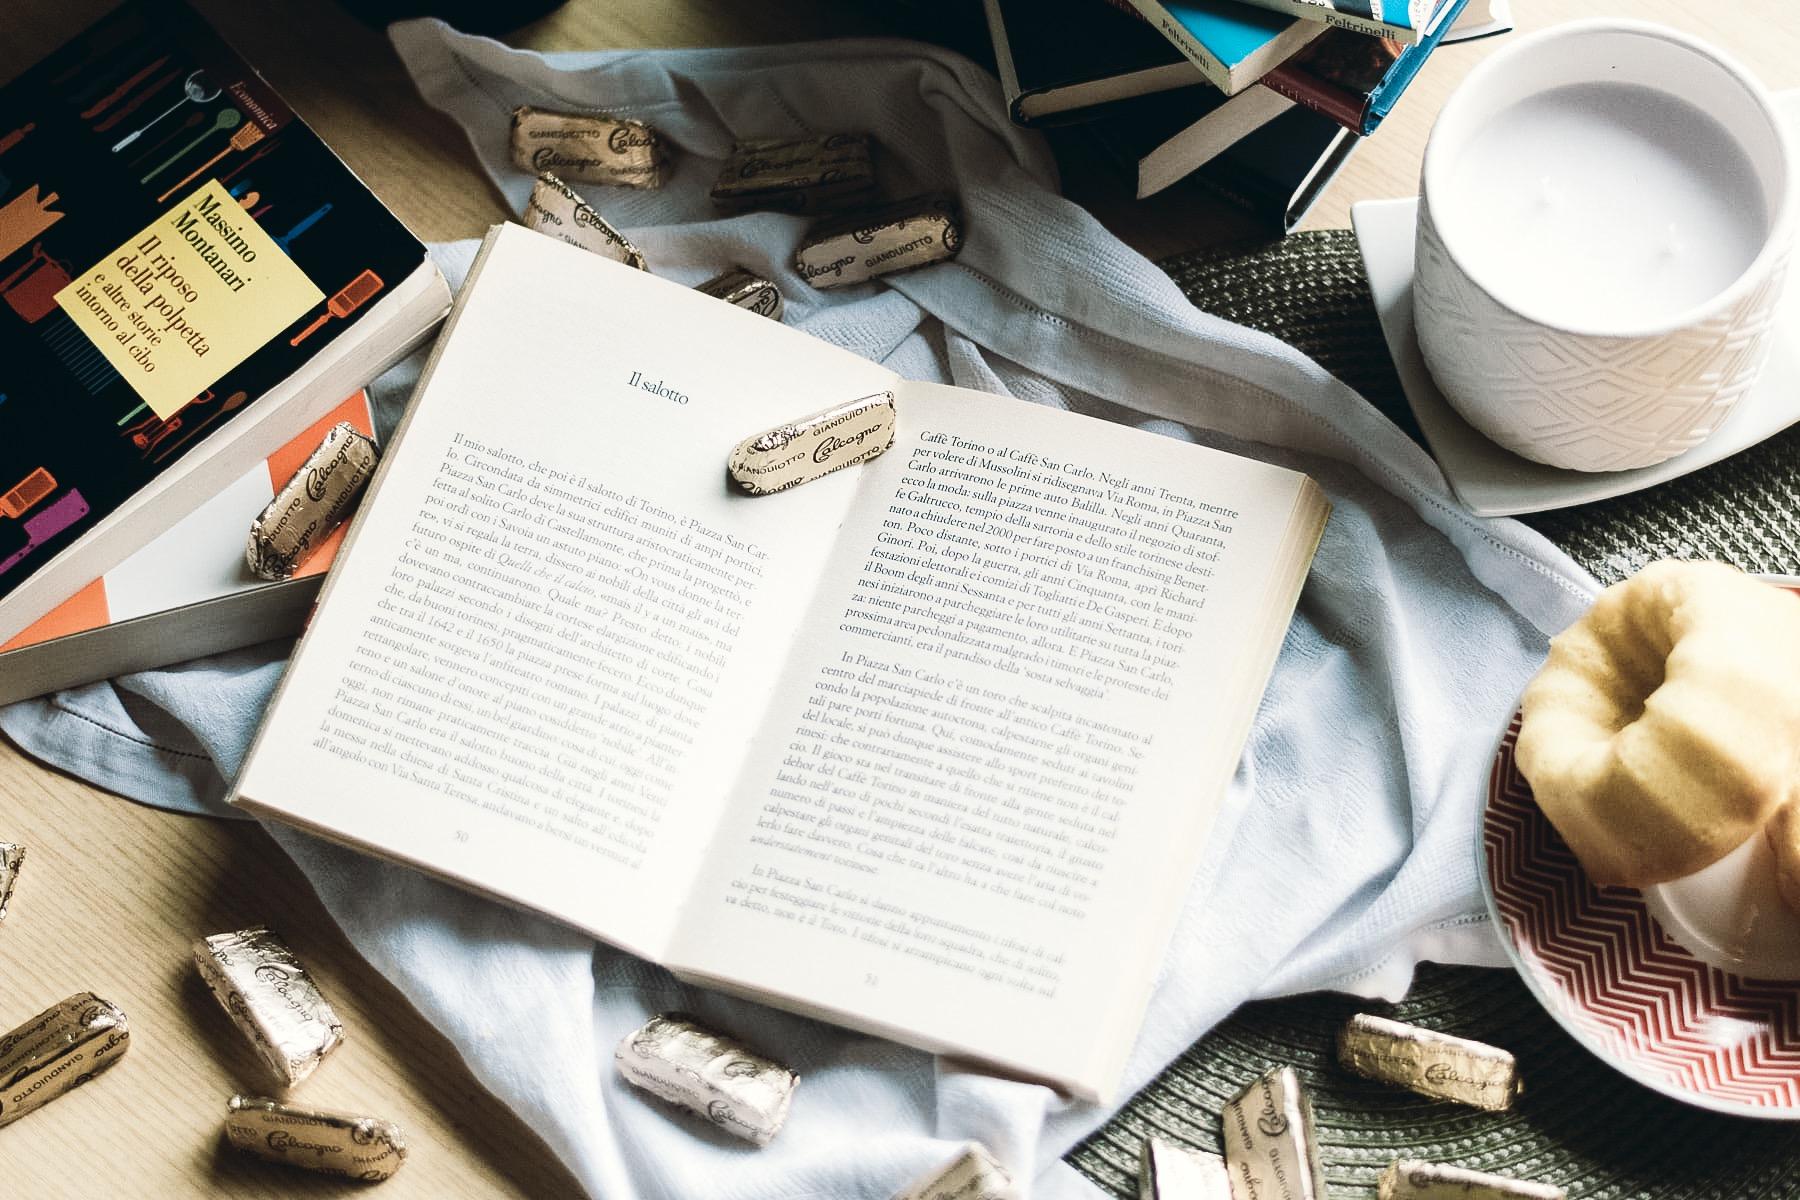 cioccolato calcagno book crossing torino